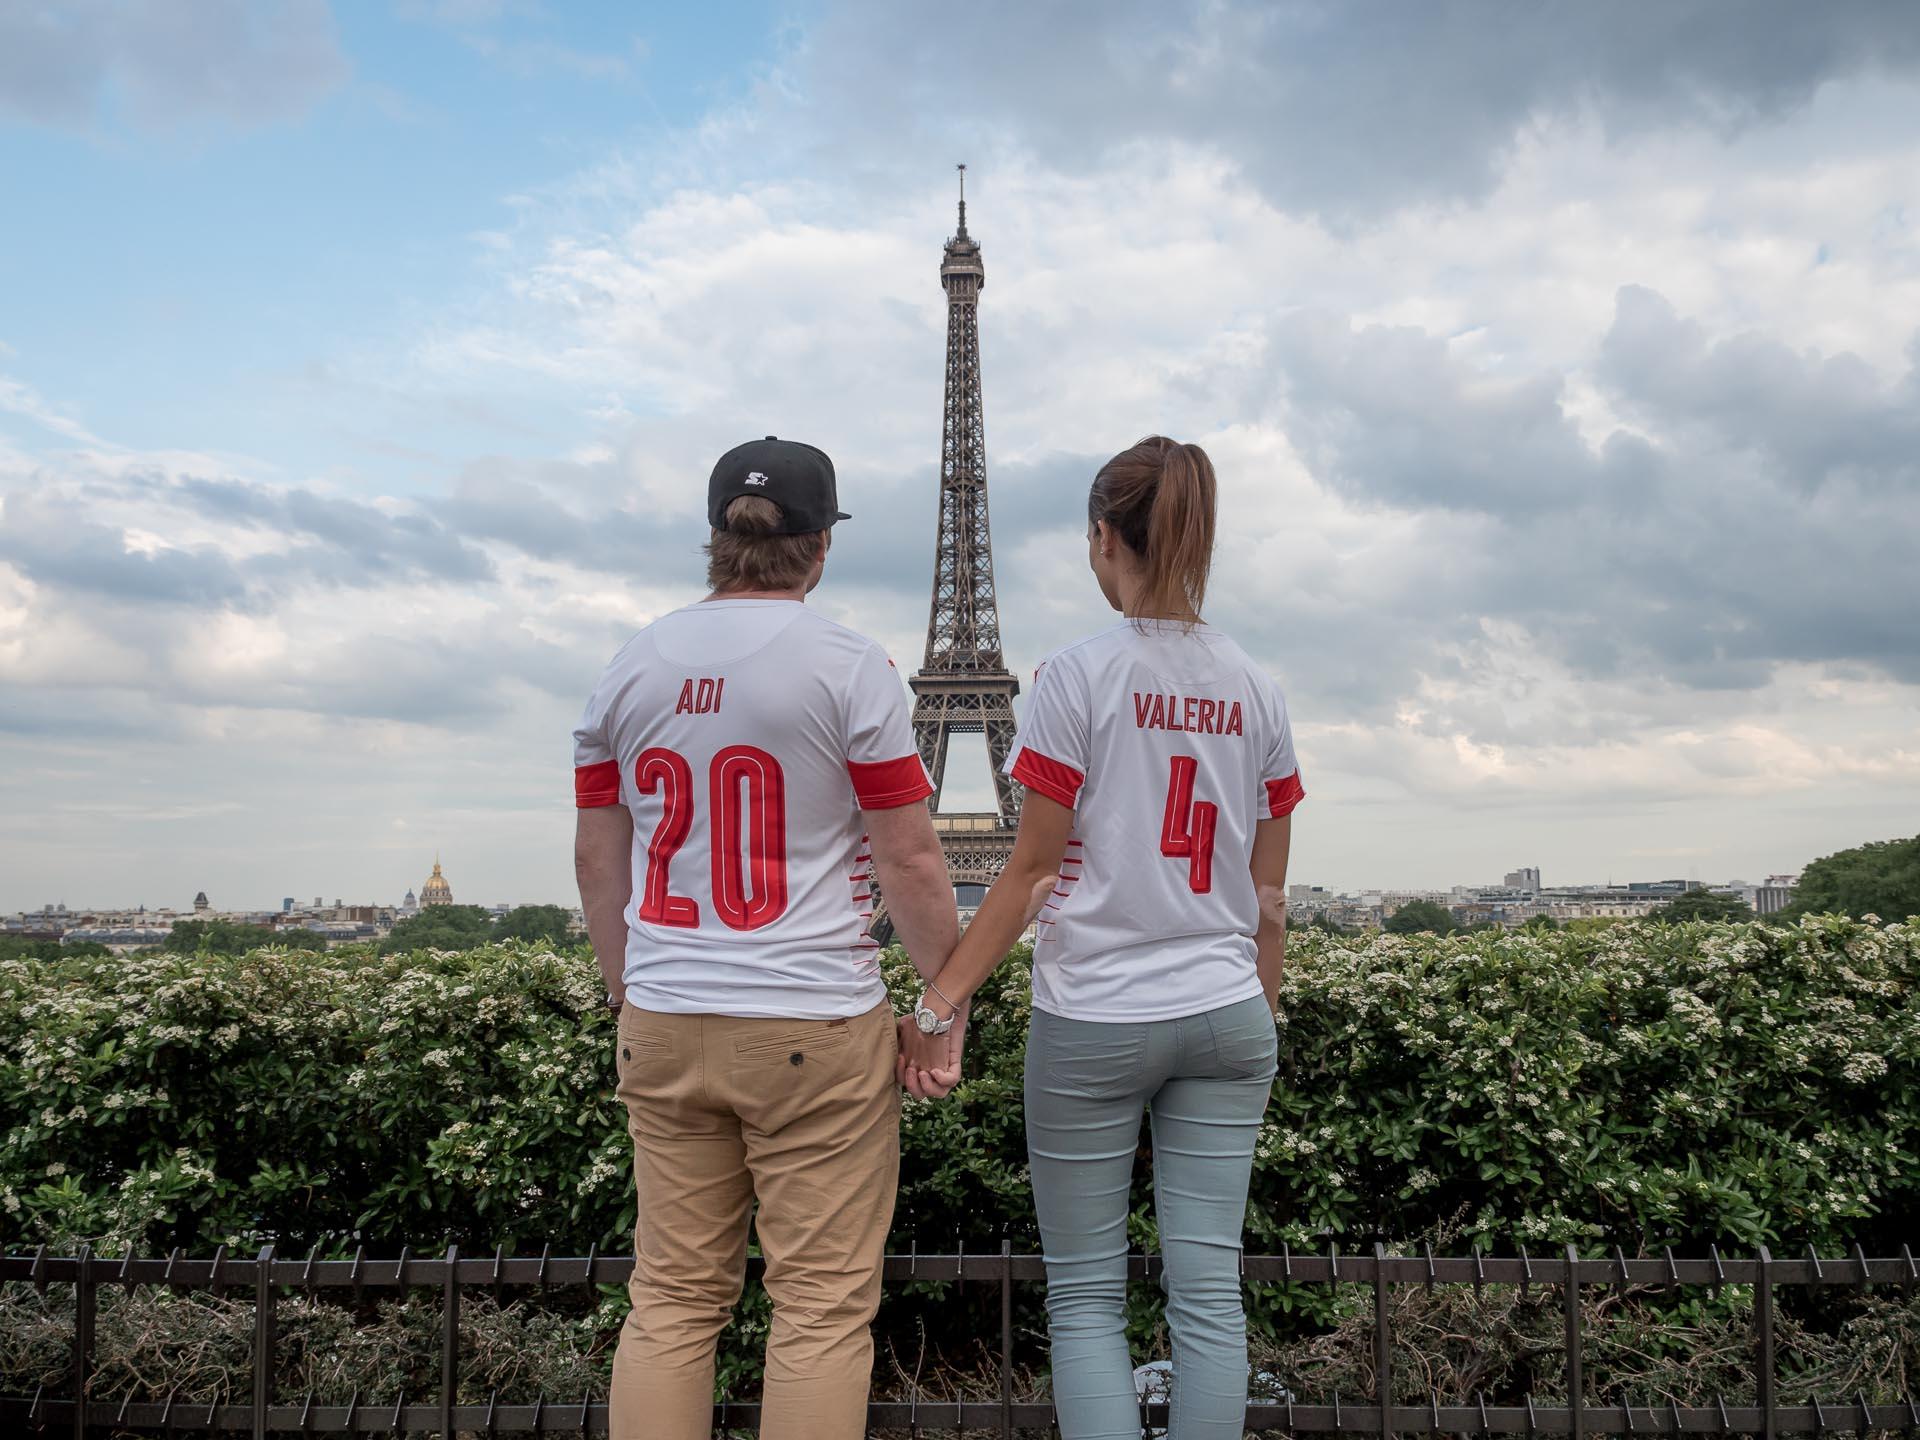 Paris Reisetipps: 9 TOP Sehenswürdigkeiten in der Stadt der Liebe